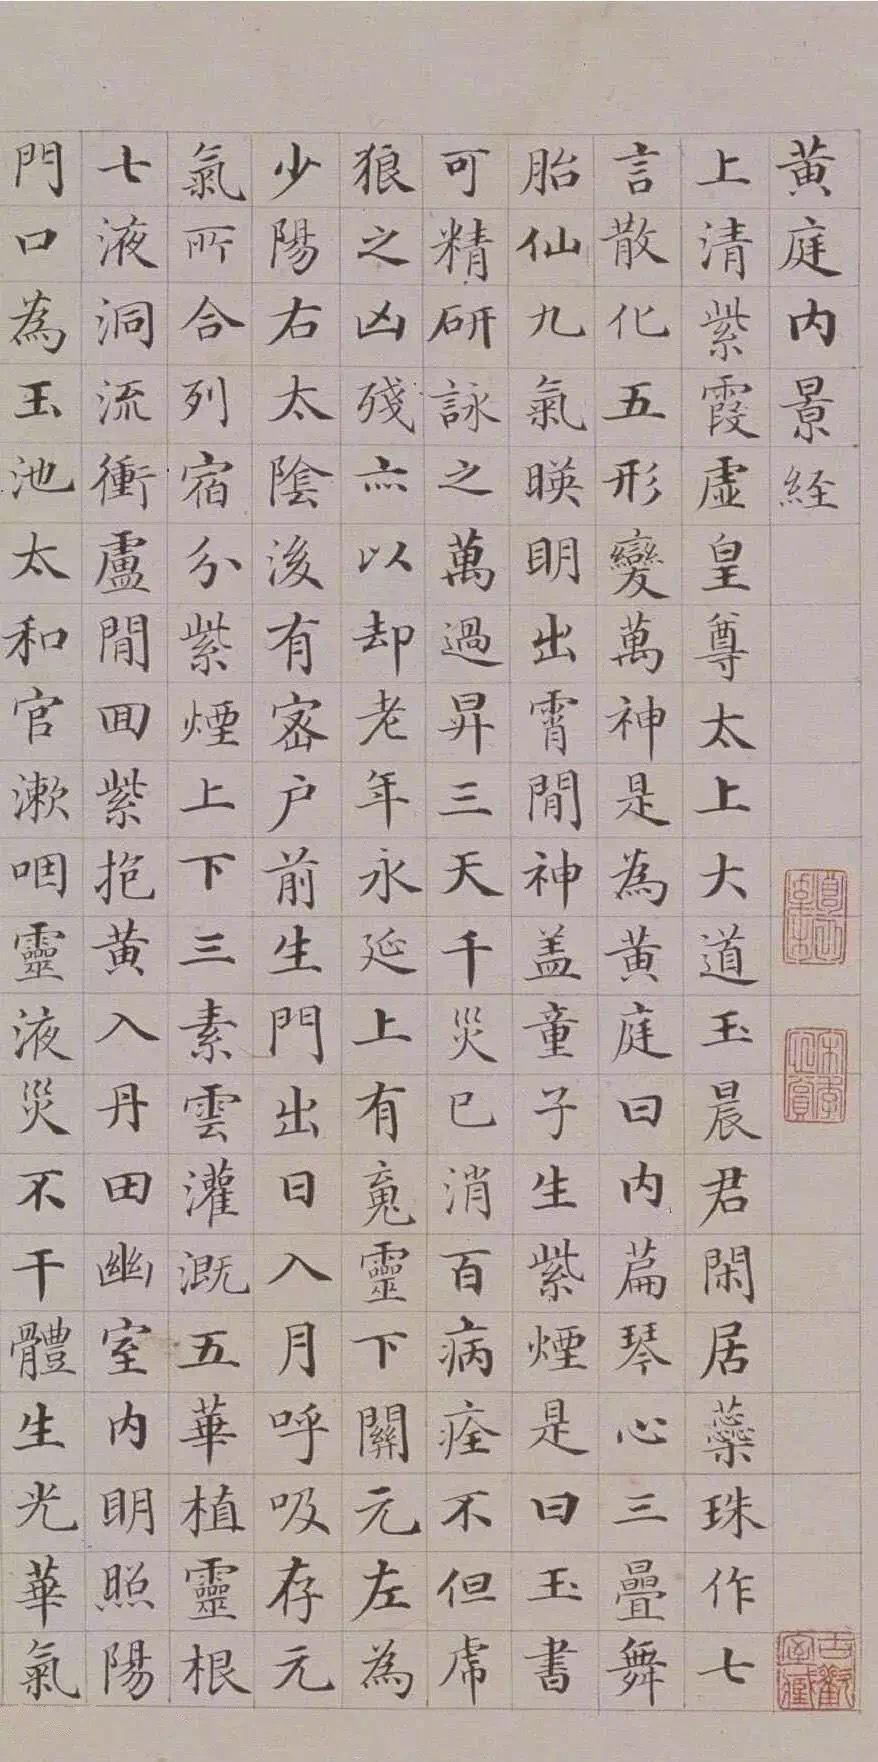 郭尚先《楷书黄庭内景经卷》,纸本楷书 36×268